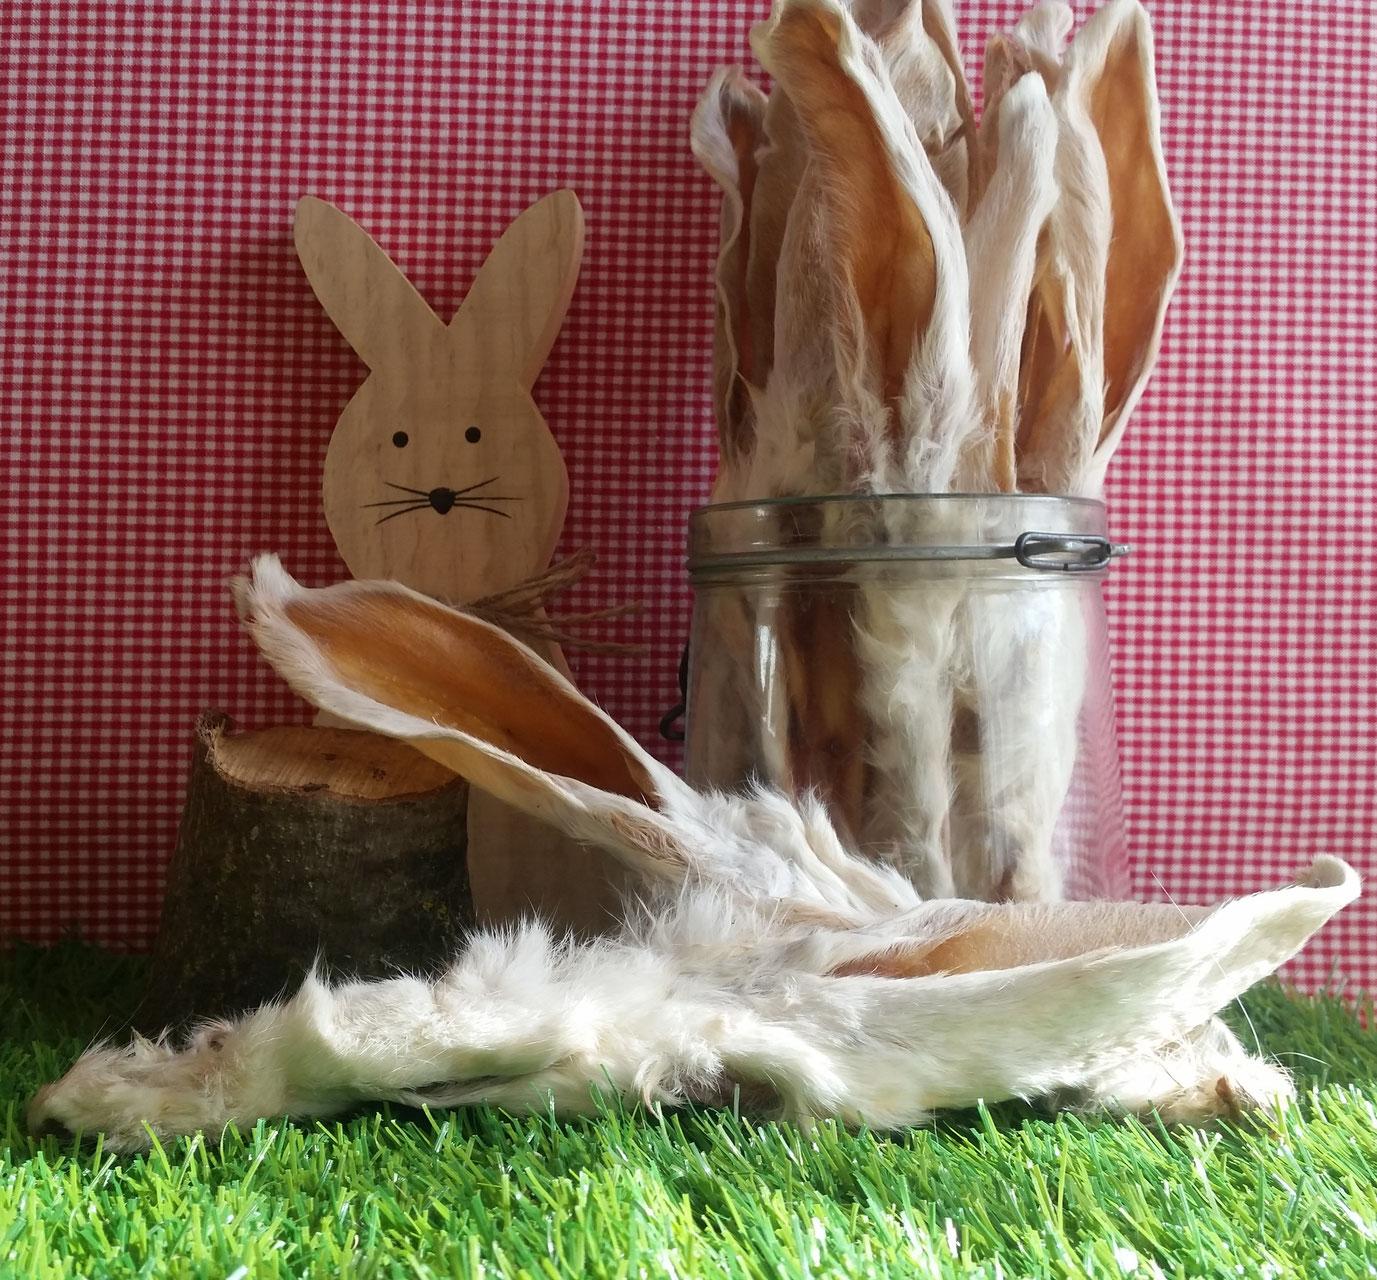 wild und kaninchen knabberbar hundekauartikel und zubeh r. Black Bedroom Furniture Sets. Home Design Ideas